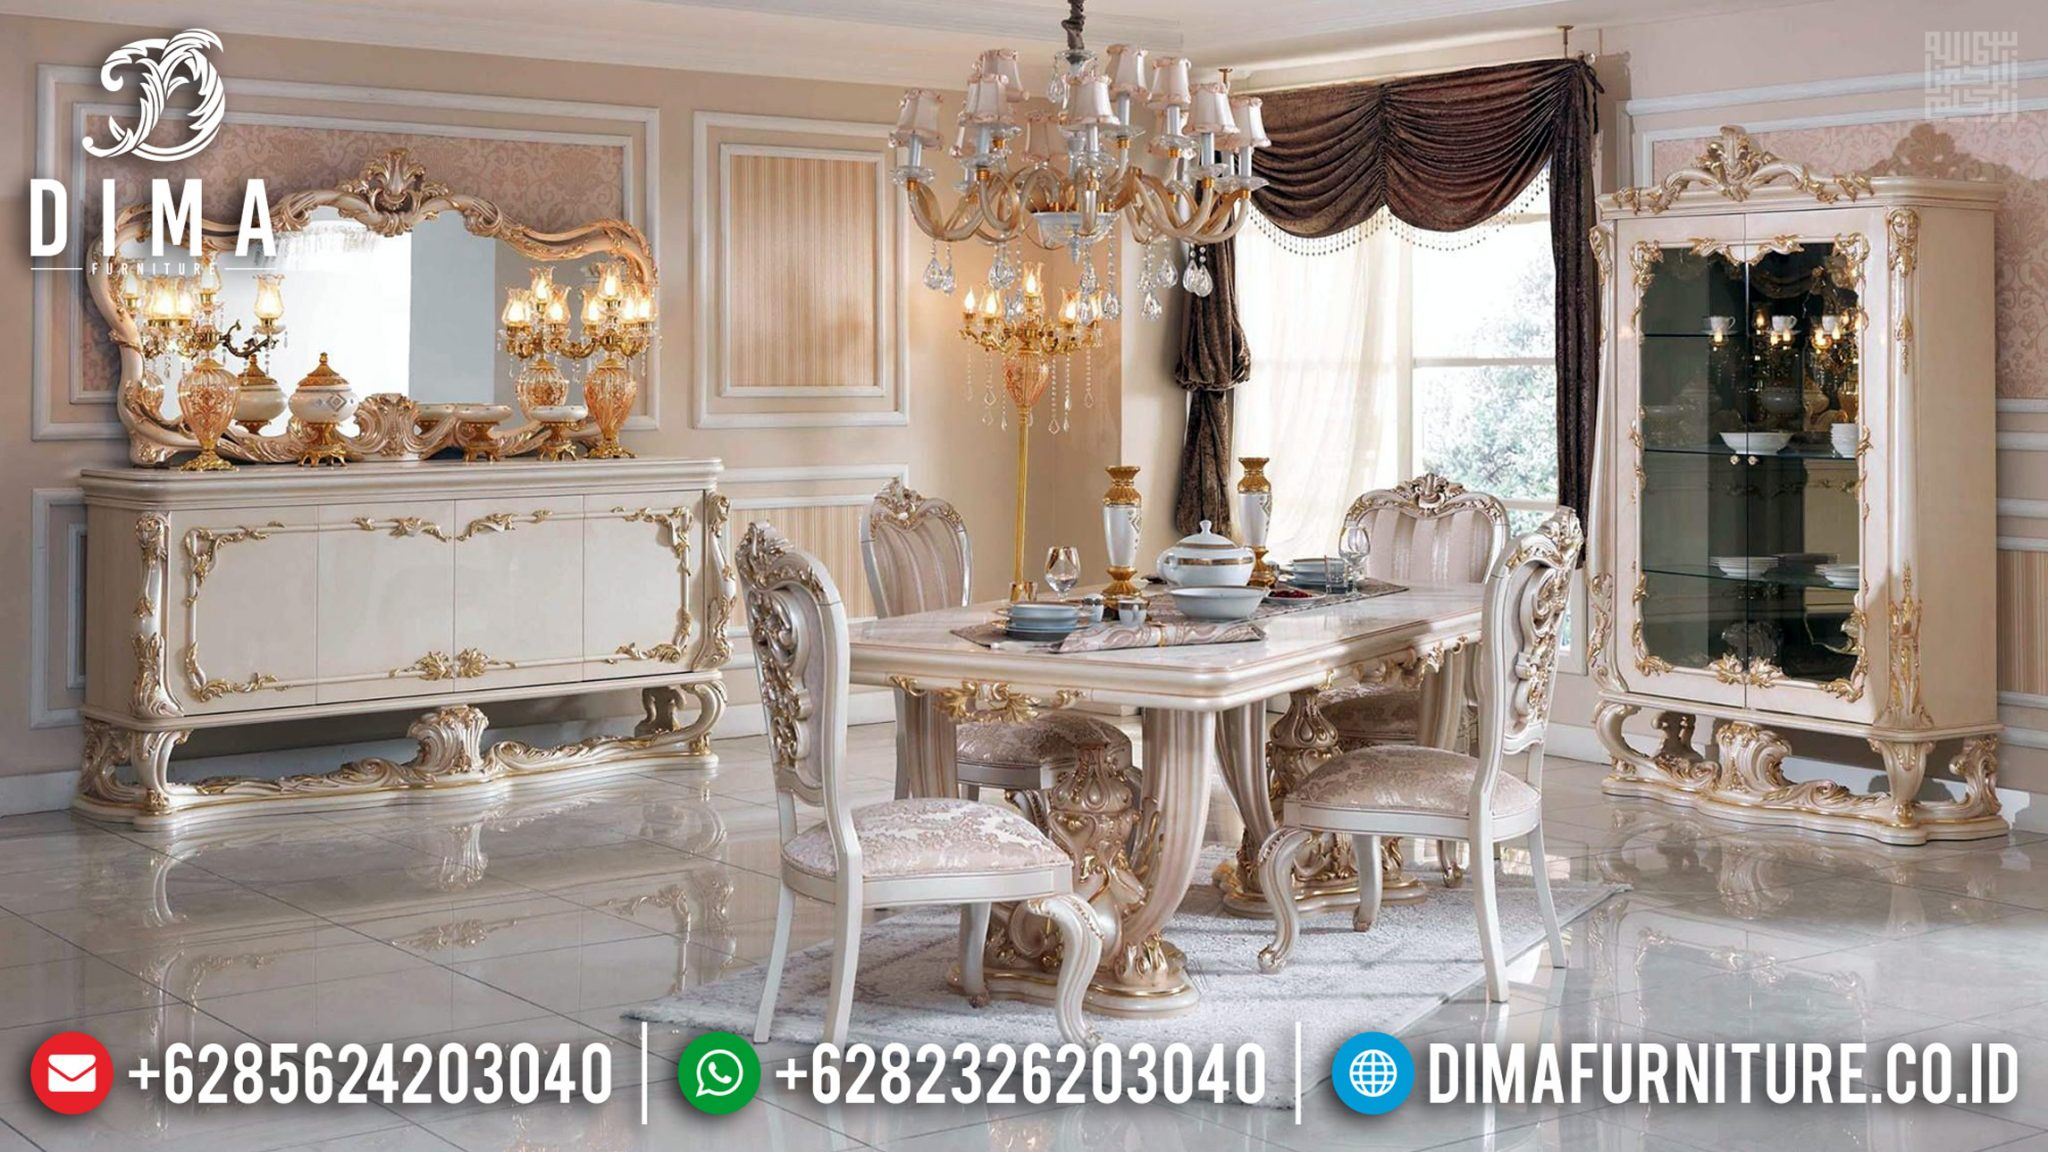 Meja Makan Mewah Alexandria New Design Luxury Furniture Jepara TTJ-0387